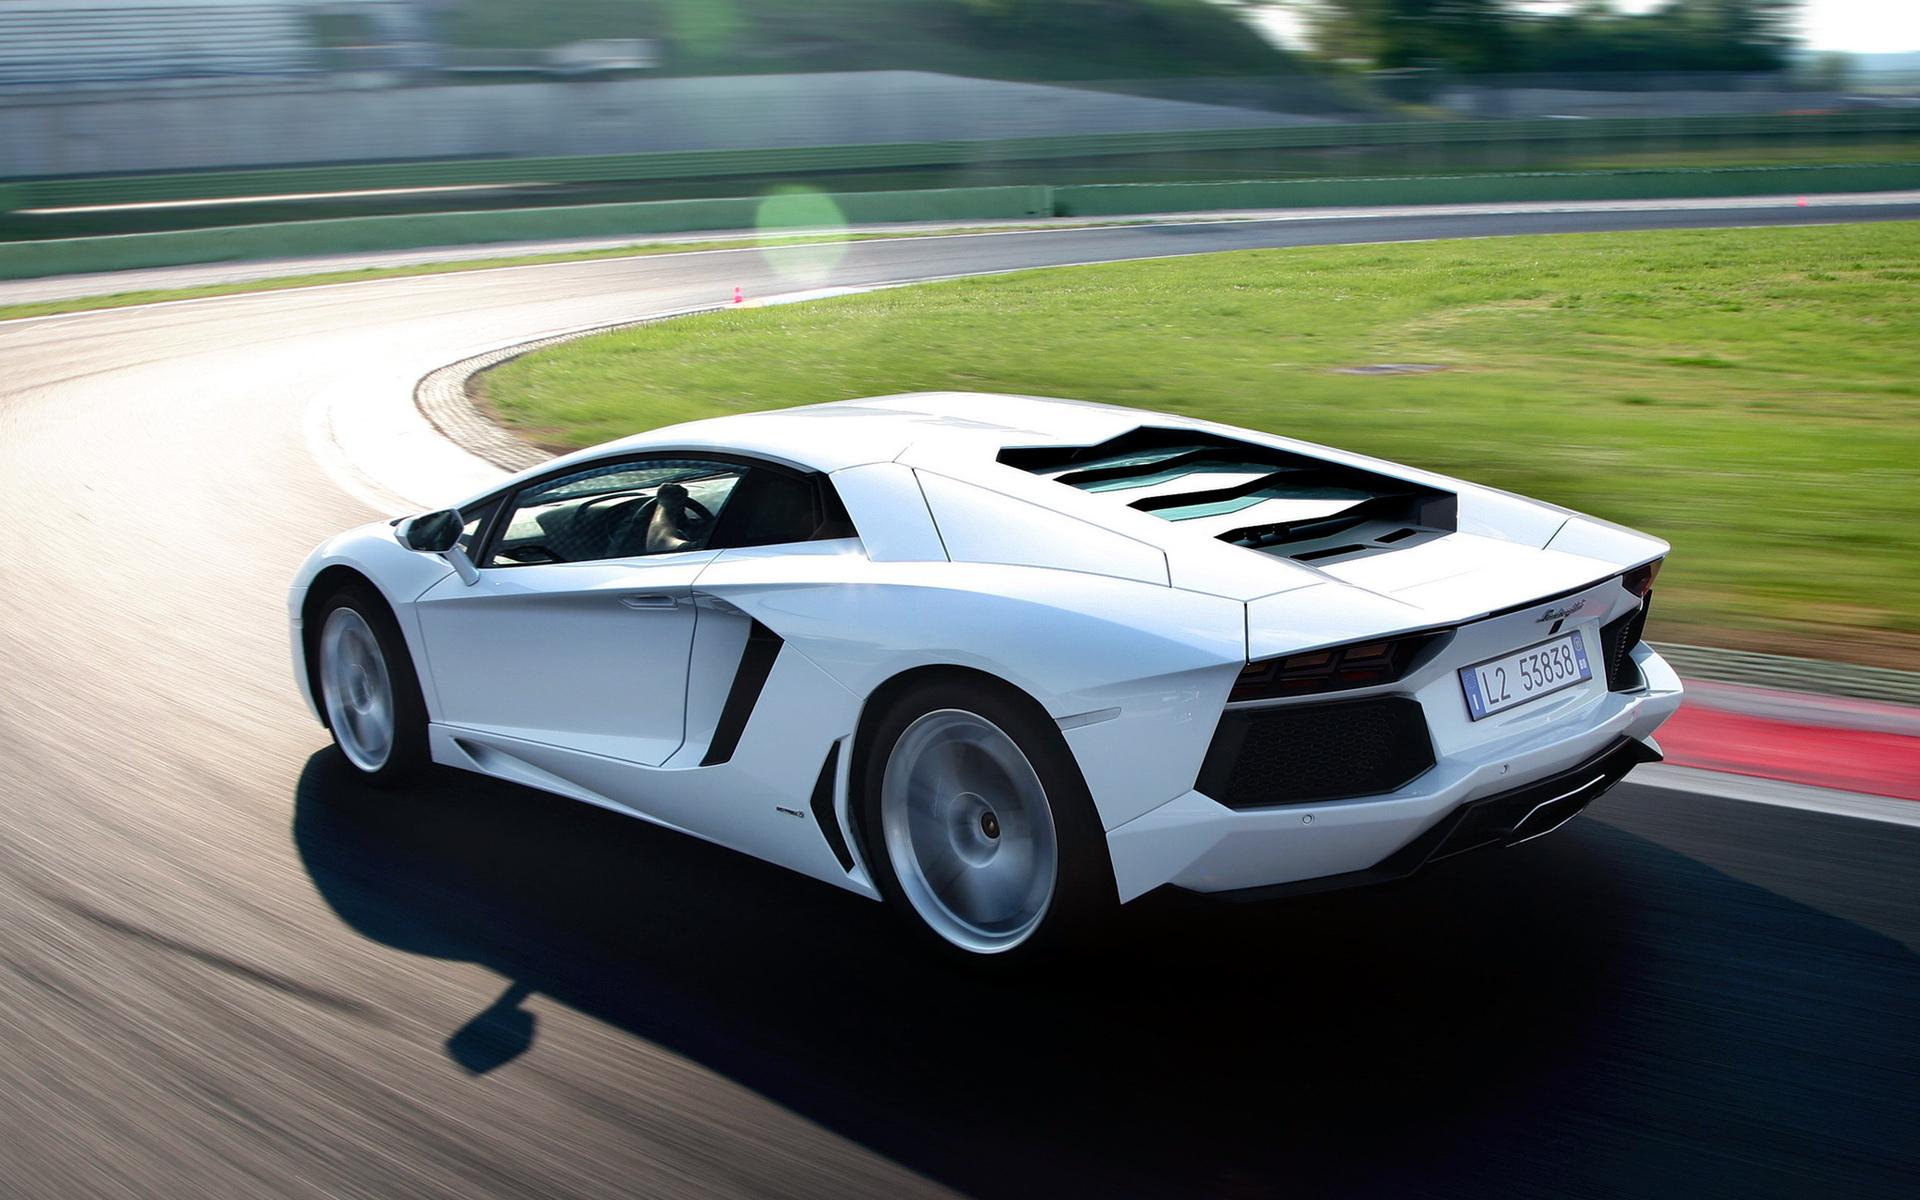 HD Wallpapers Lamborghini Aventador - WallpaperSafari